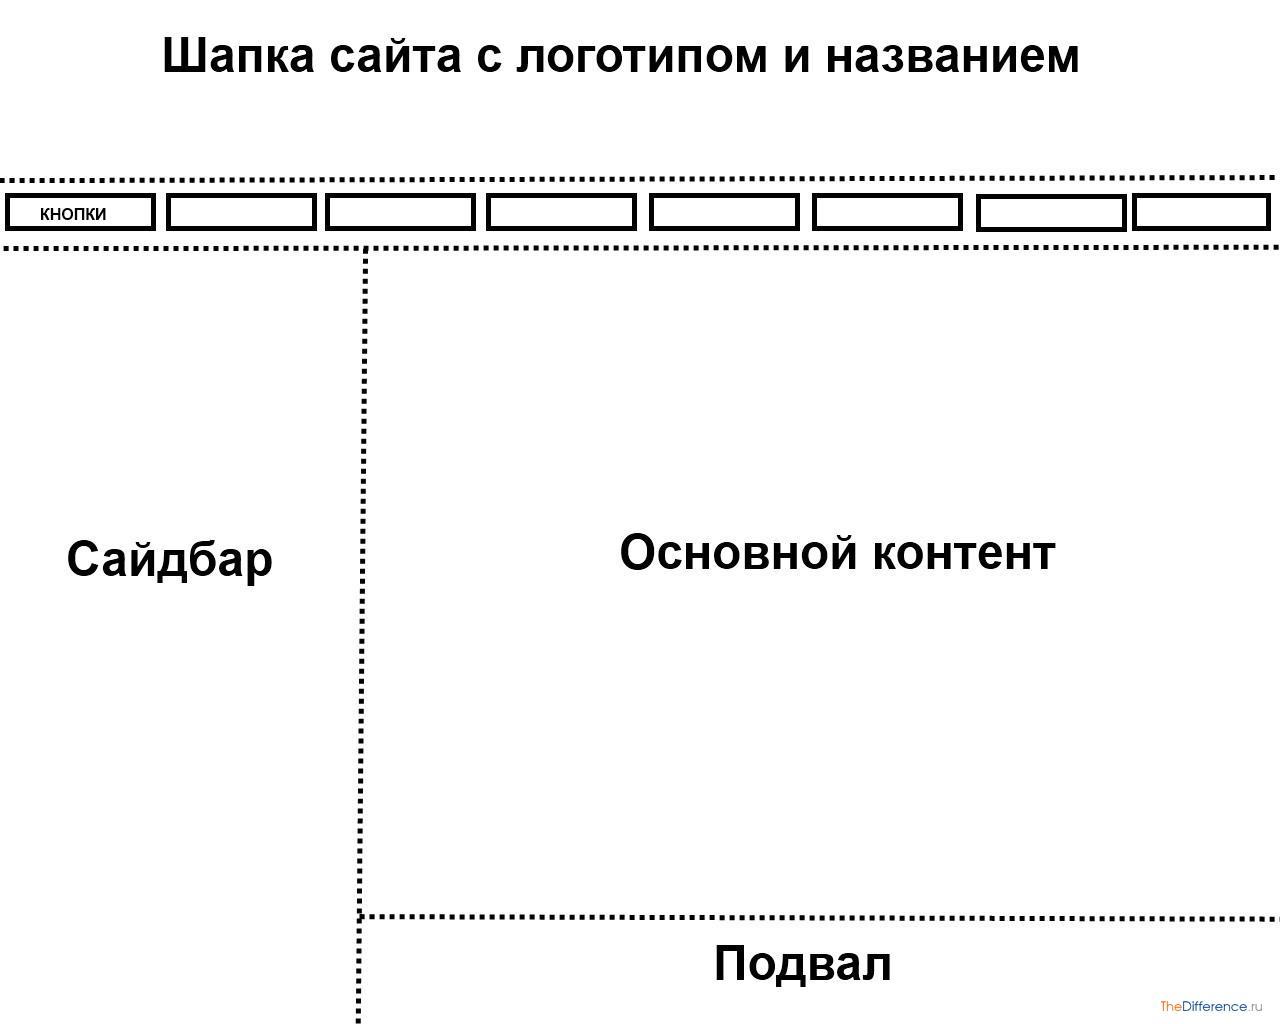 Как сделать границы сайта мои документы официальный сайт севастополь взять талон